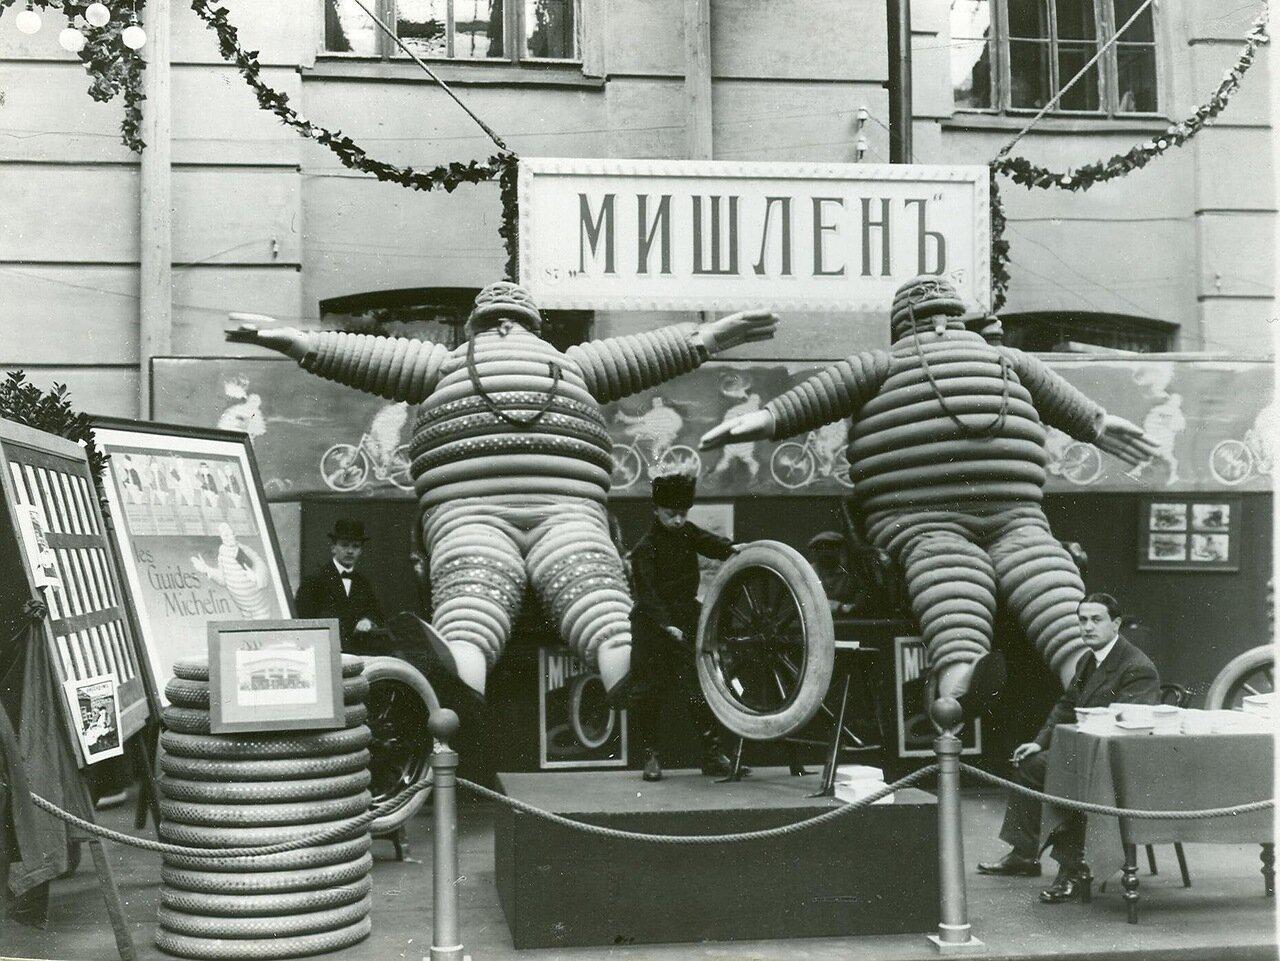 27. Экспонаты французской фирмы Мишлен на Четвертой Международной автомобильной выставке в Михайловском манеже